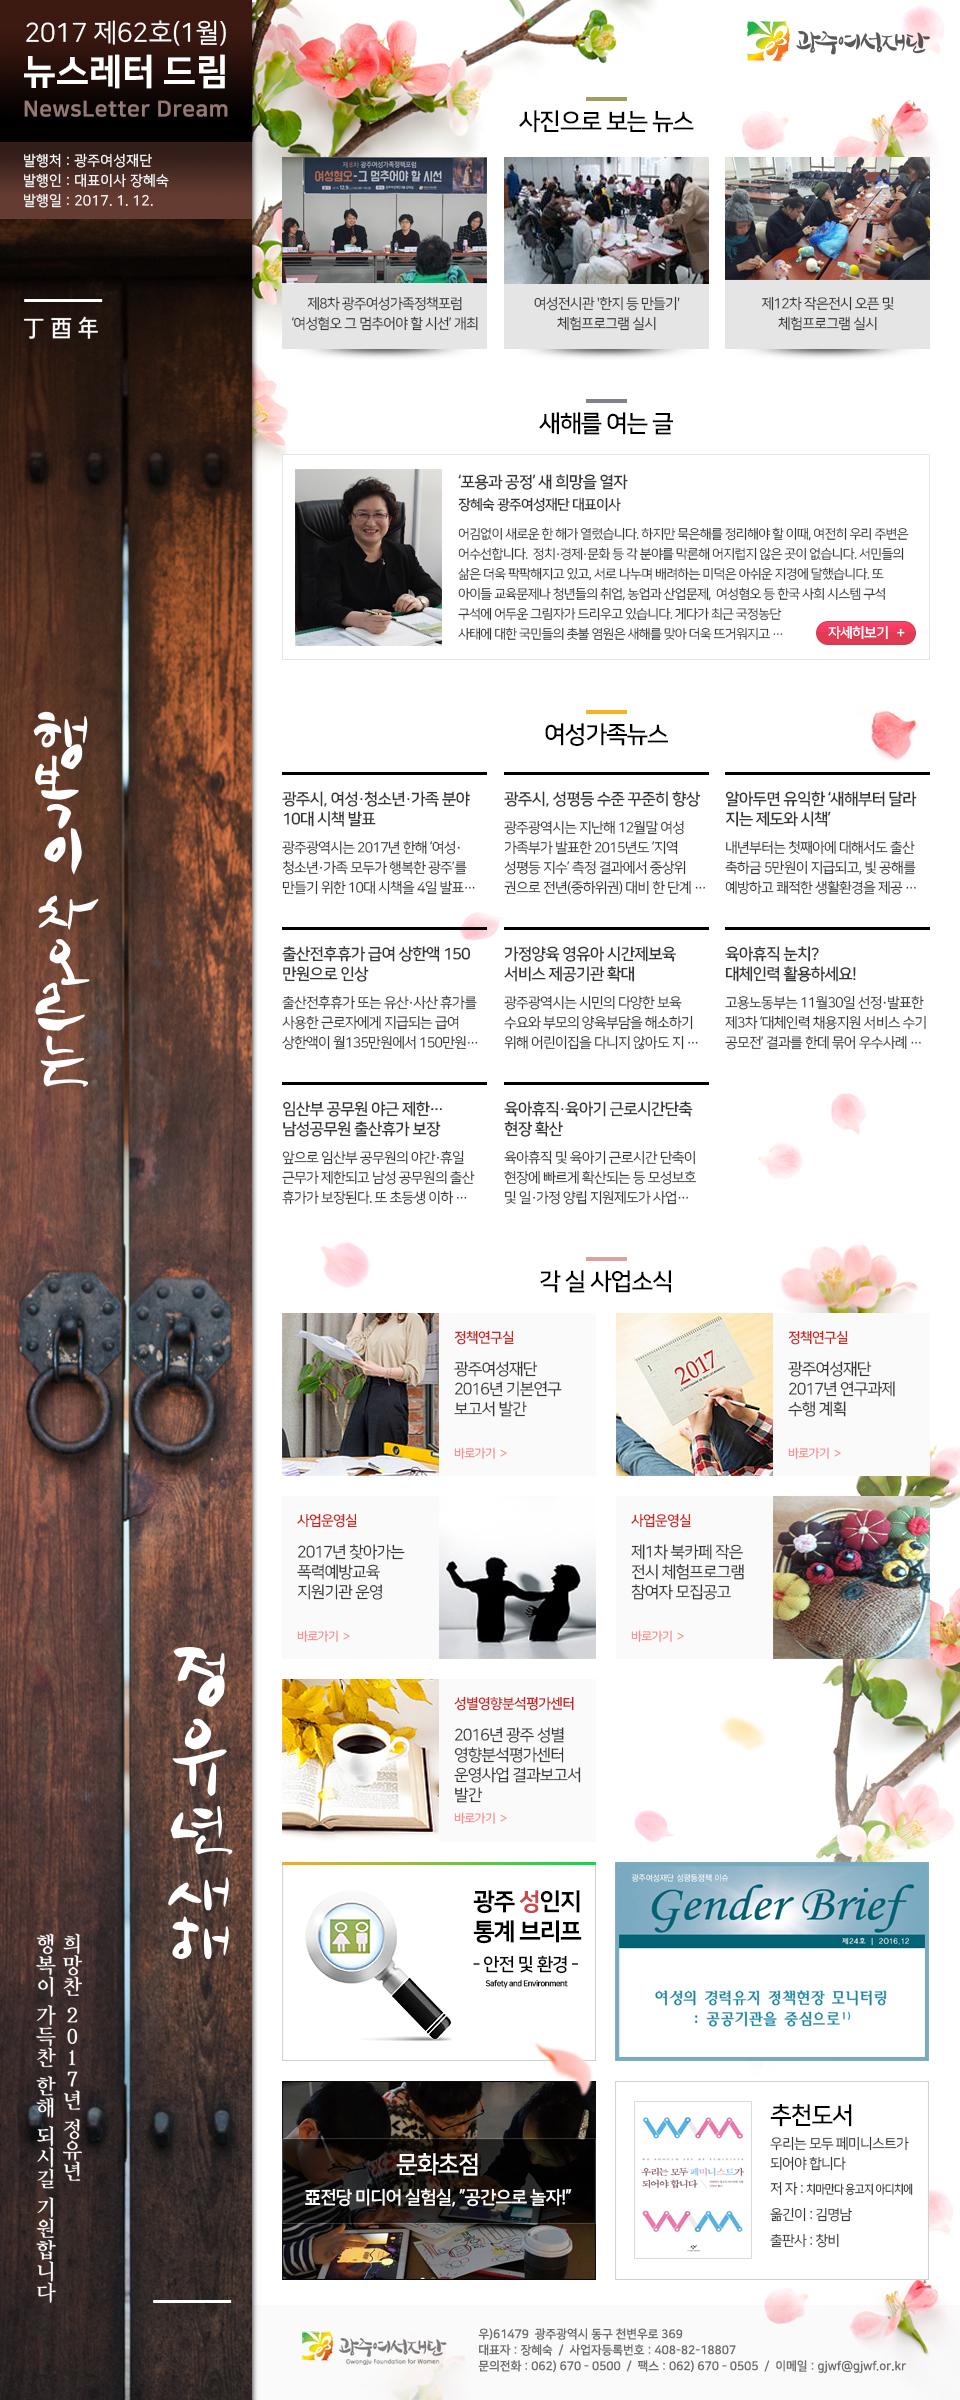 뉴스레터 드림 62호(17.01월) 썸네일